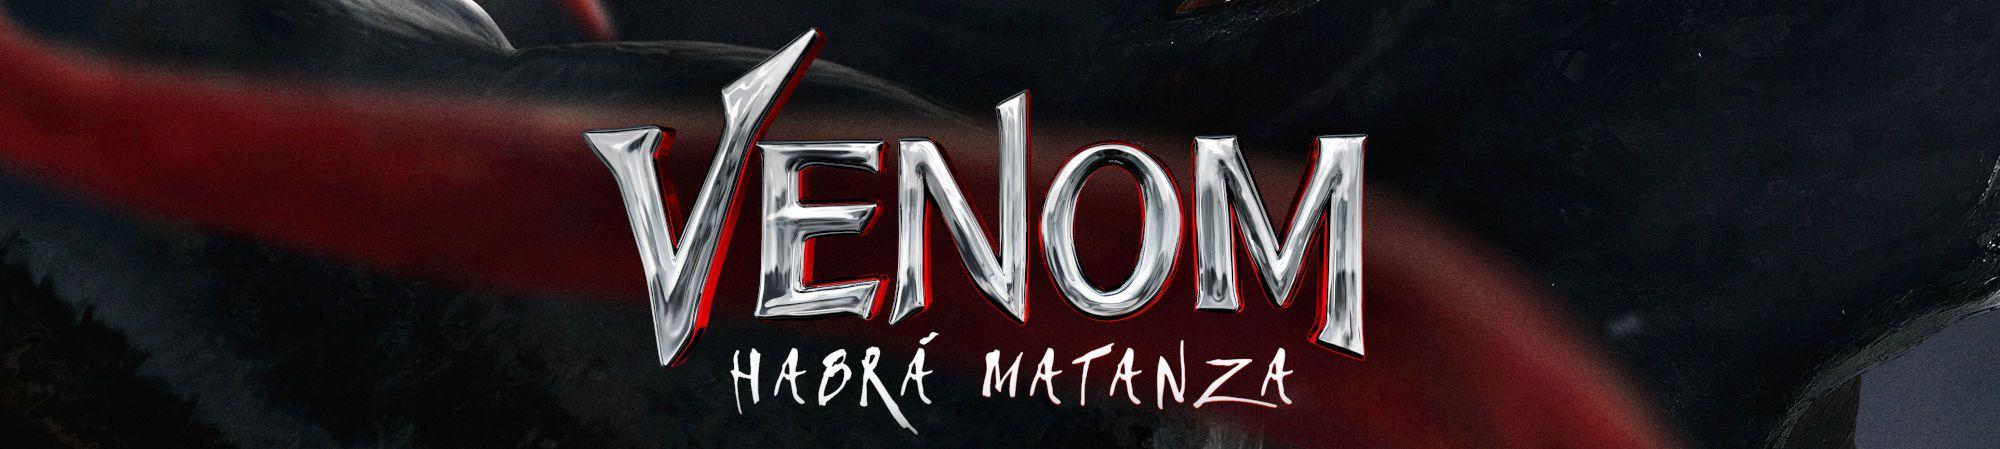 VENOM Habrá Matanza (Banner Superior)